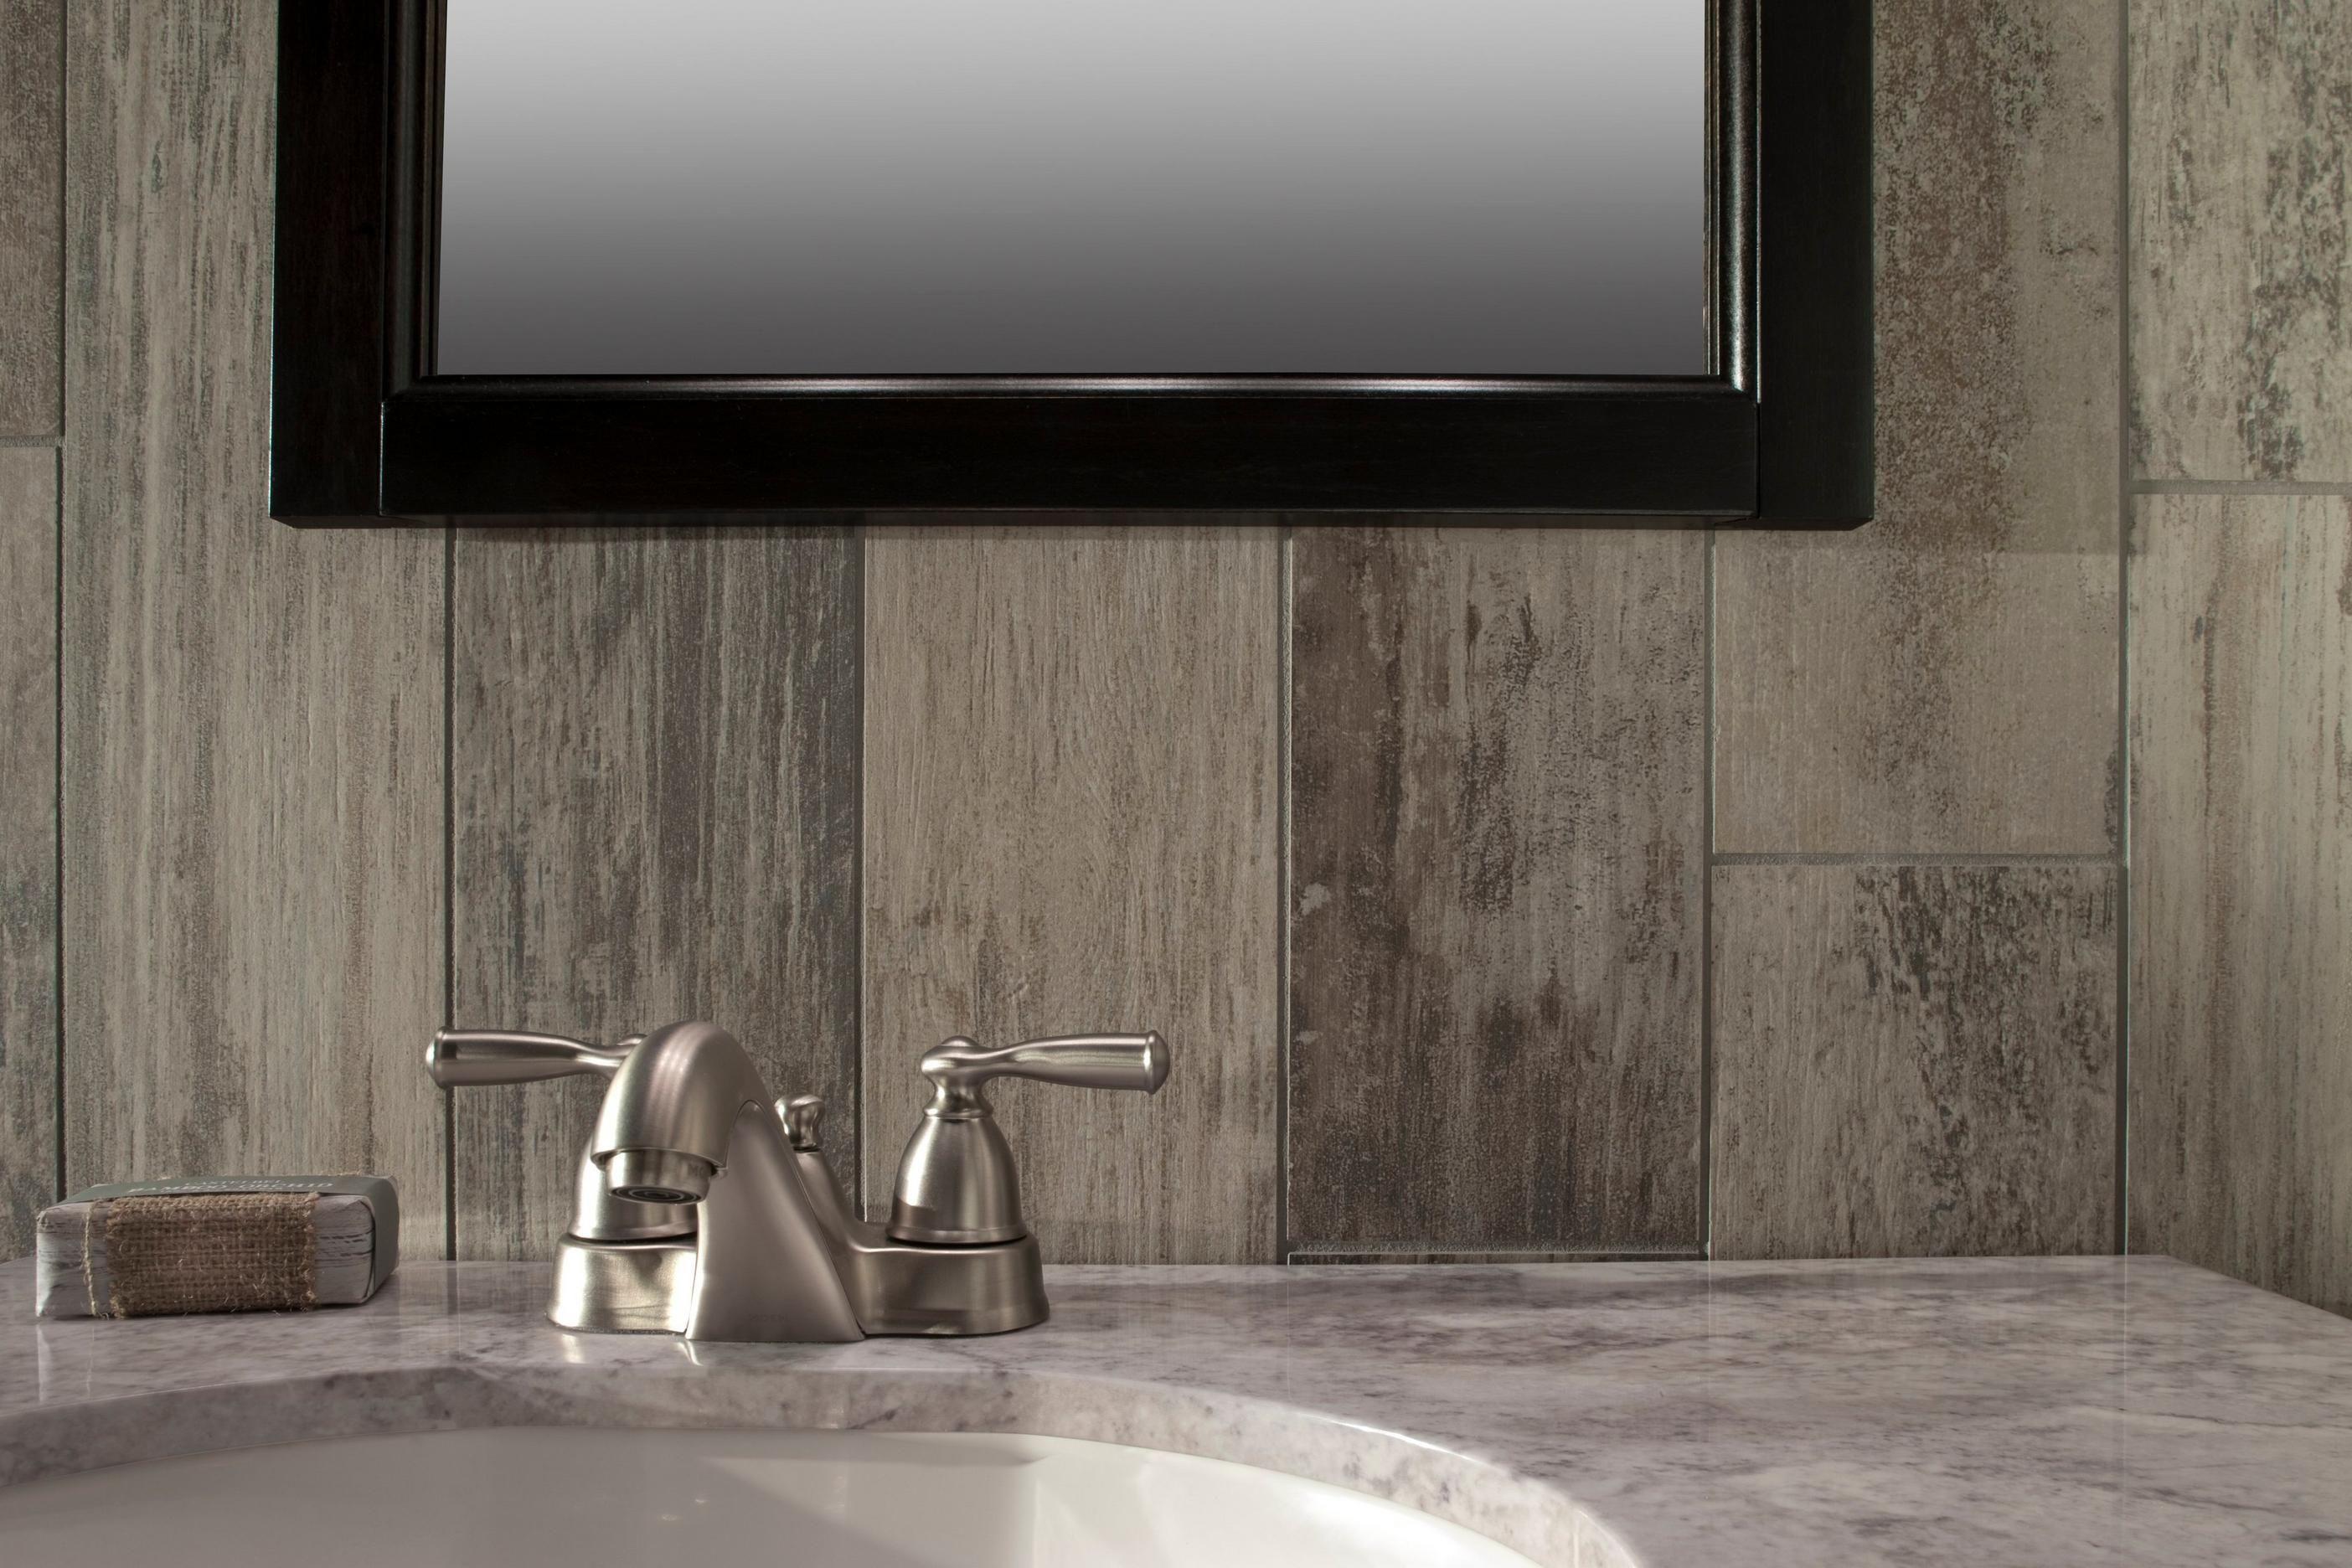 Floor And Decor Bathroom Tile Look What I Found At Floor & Decor  Bathroom Ideas  Pinterest